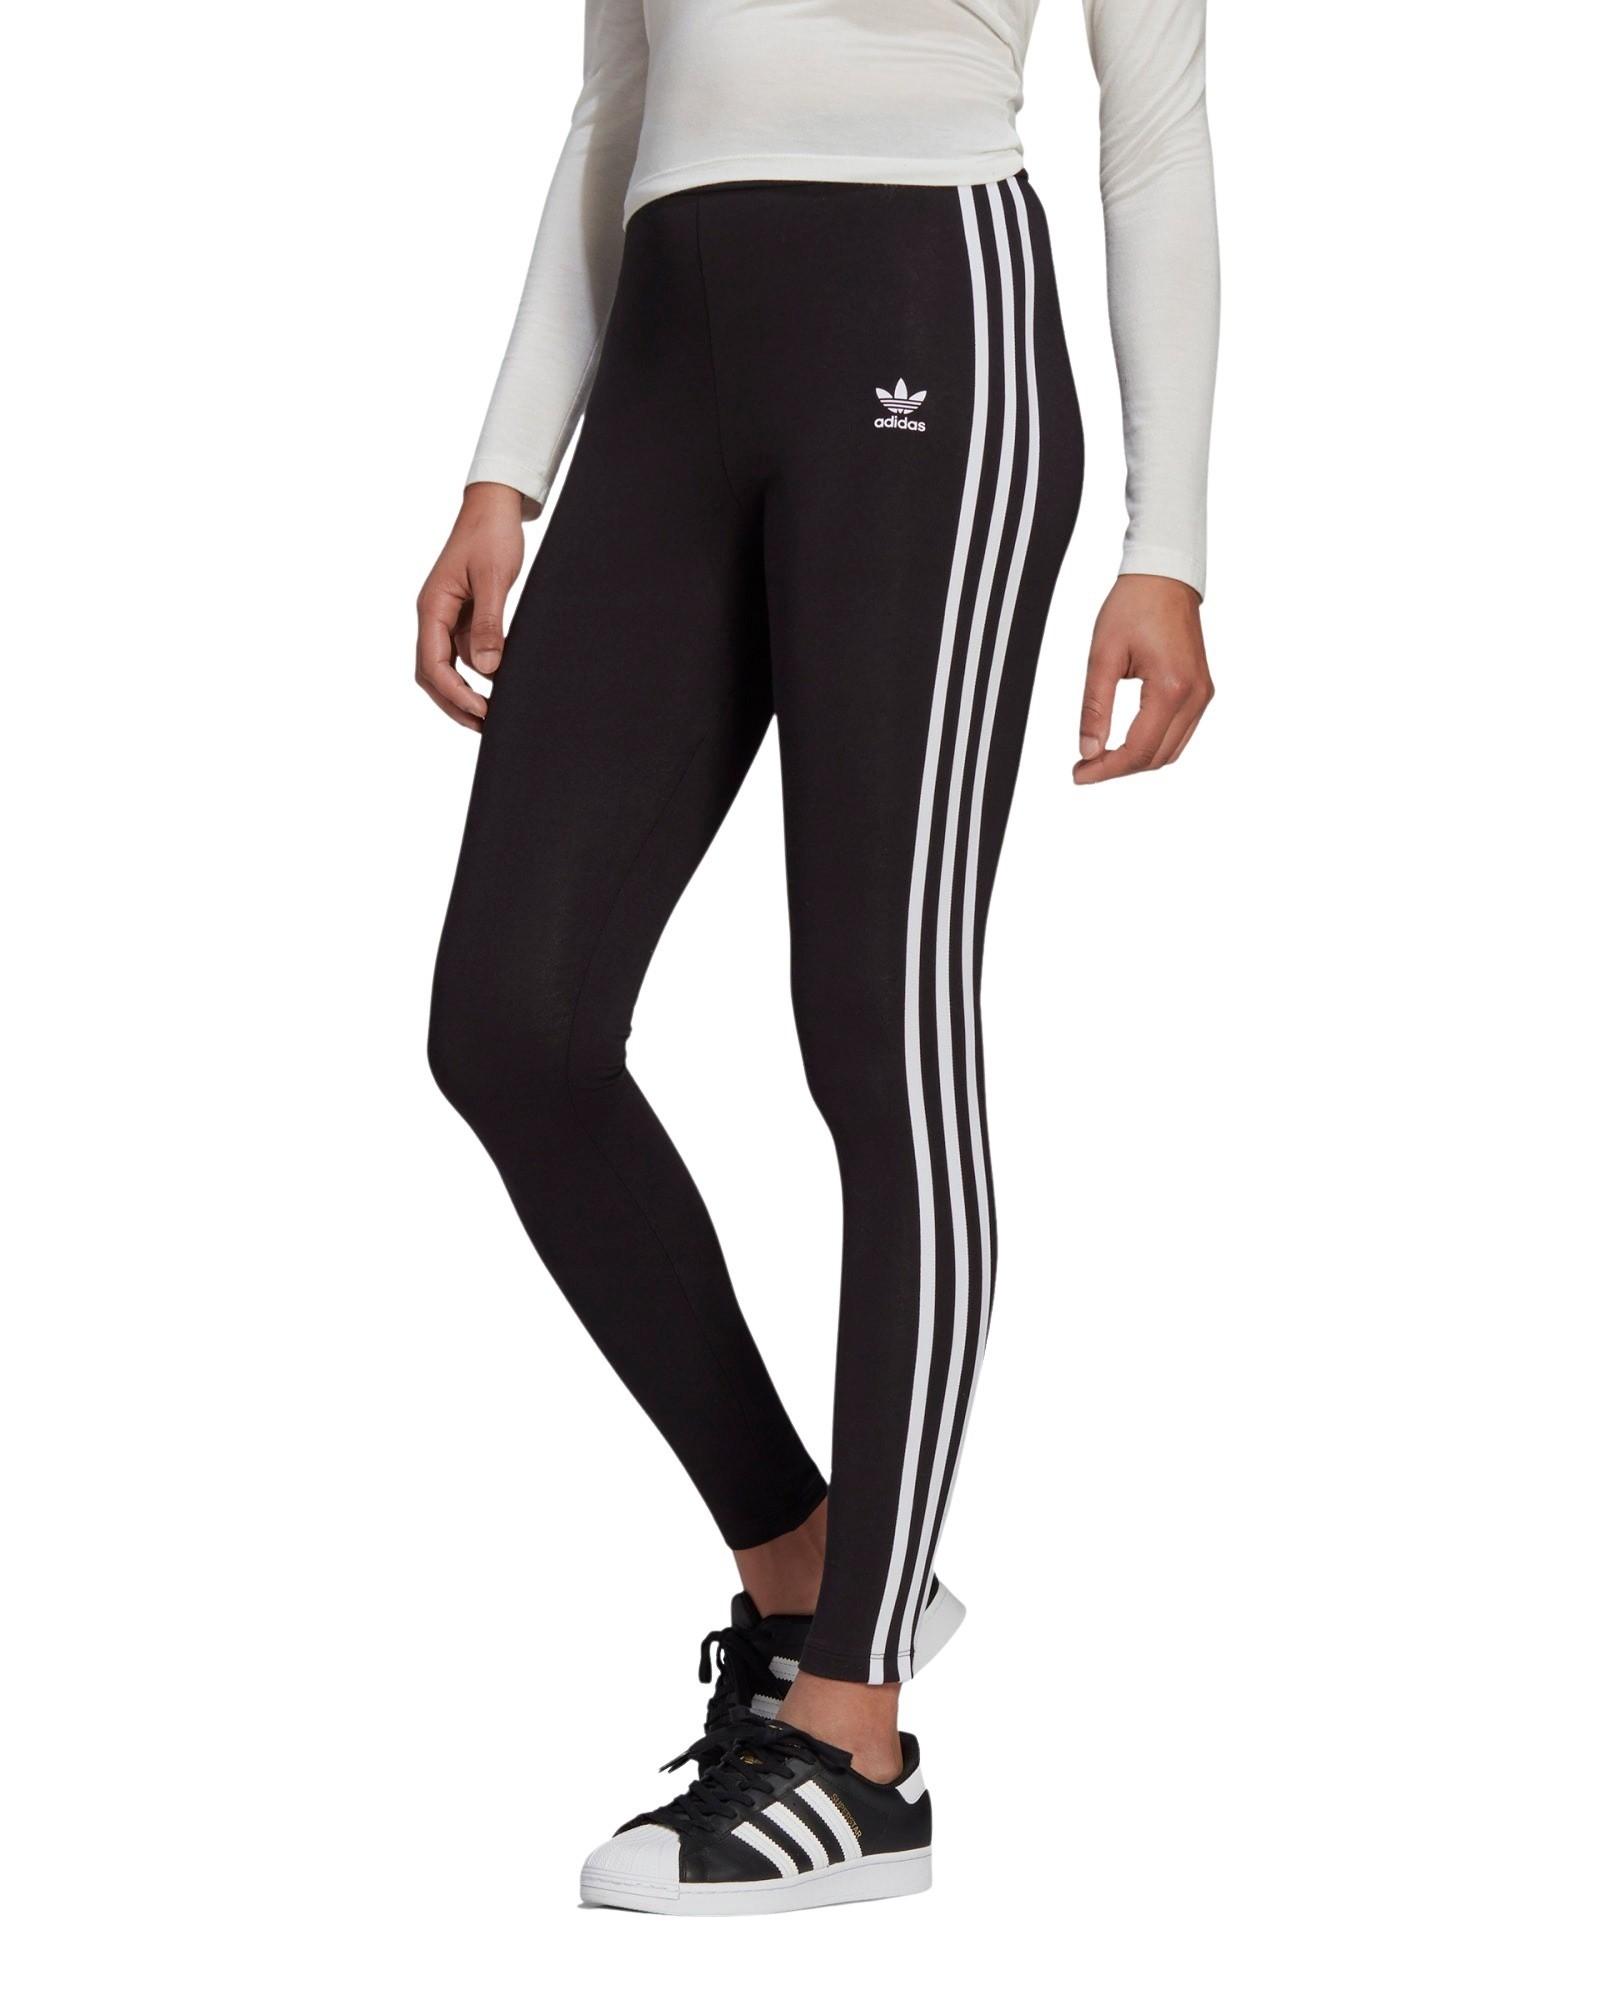 Marchio Adidas Genere Donna Tipologia Leggings Stagione Primavera/Estate  D…